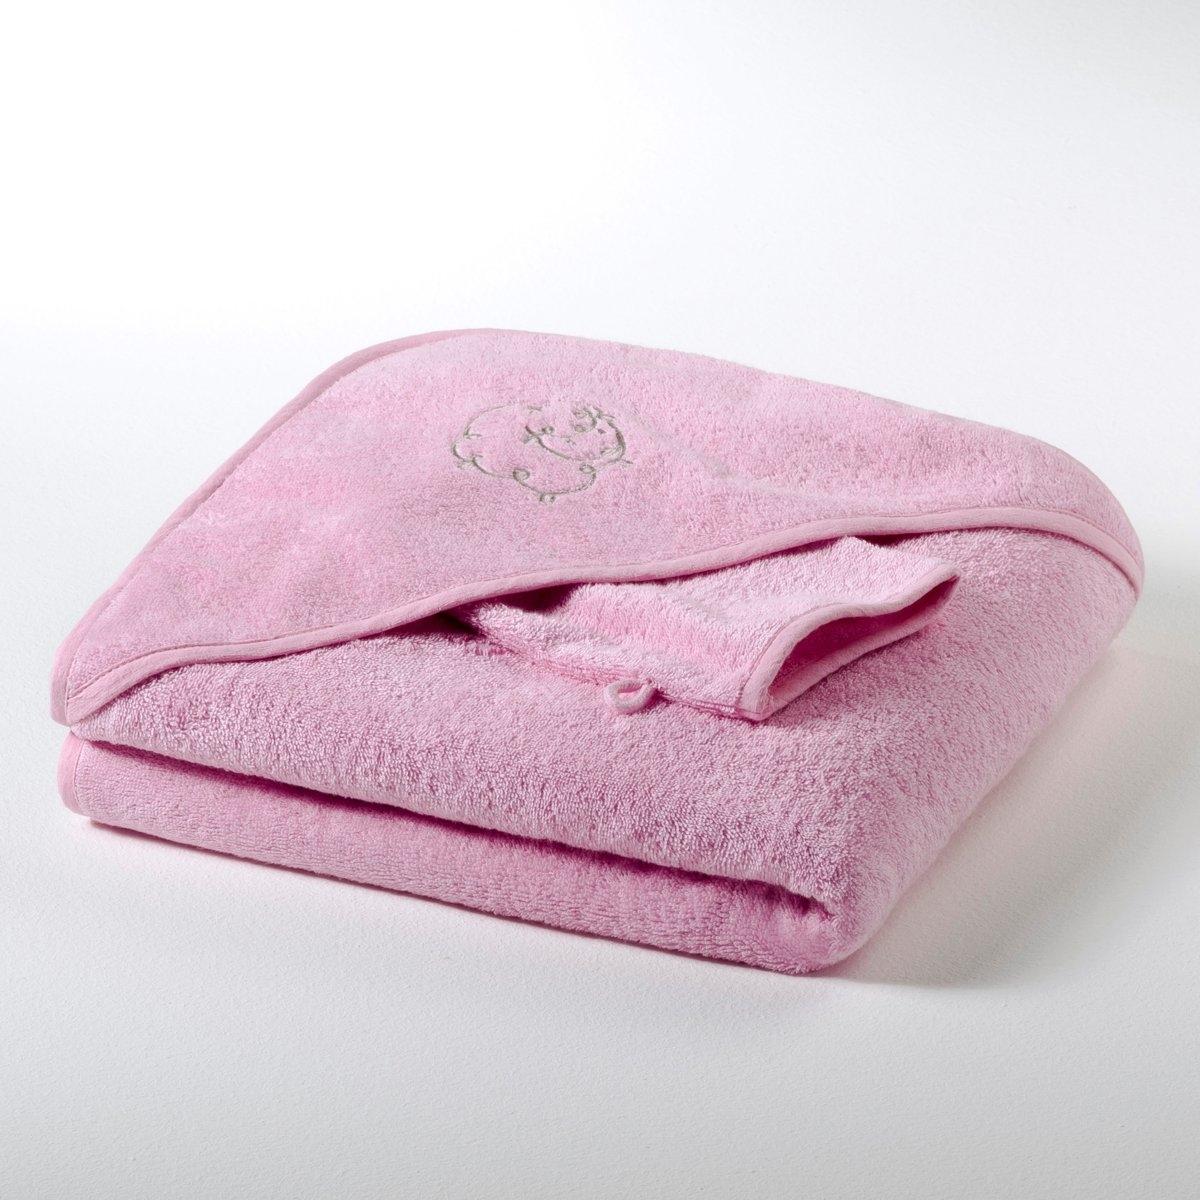 Банное пончо и рукавица из махровой ткани 420 г/м? для девочек и мальчиков, BetsieОднотонные банное пончо и рукавица 420 г/м?, Betsie. Гармонизирующий по расцветке комплект, который может стать прекрасным подарком к рождению малыша. Описание банного пончо и рукавицы Betsie :Отделка бейкой2 размера на выбор.Машинная стирка при 60 °С.Характеристики банного пончо и рукавицы Betsie :Махровая ткань, 100% хлопок, 420 г/м?.<br><br>Цвет: розовый,серо-коричневый<br>Размер: 70 x 70 см.70 x 70 см